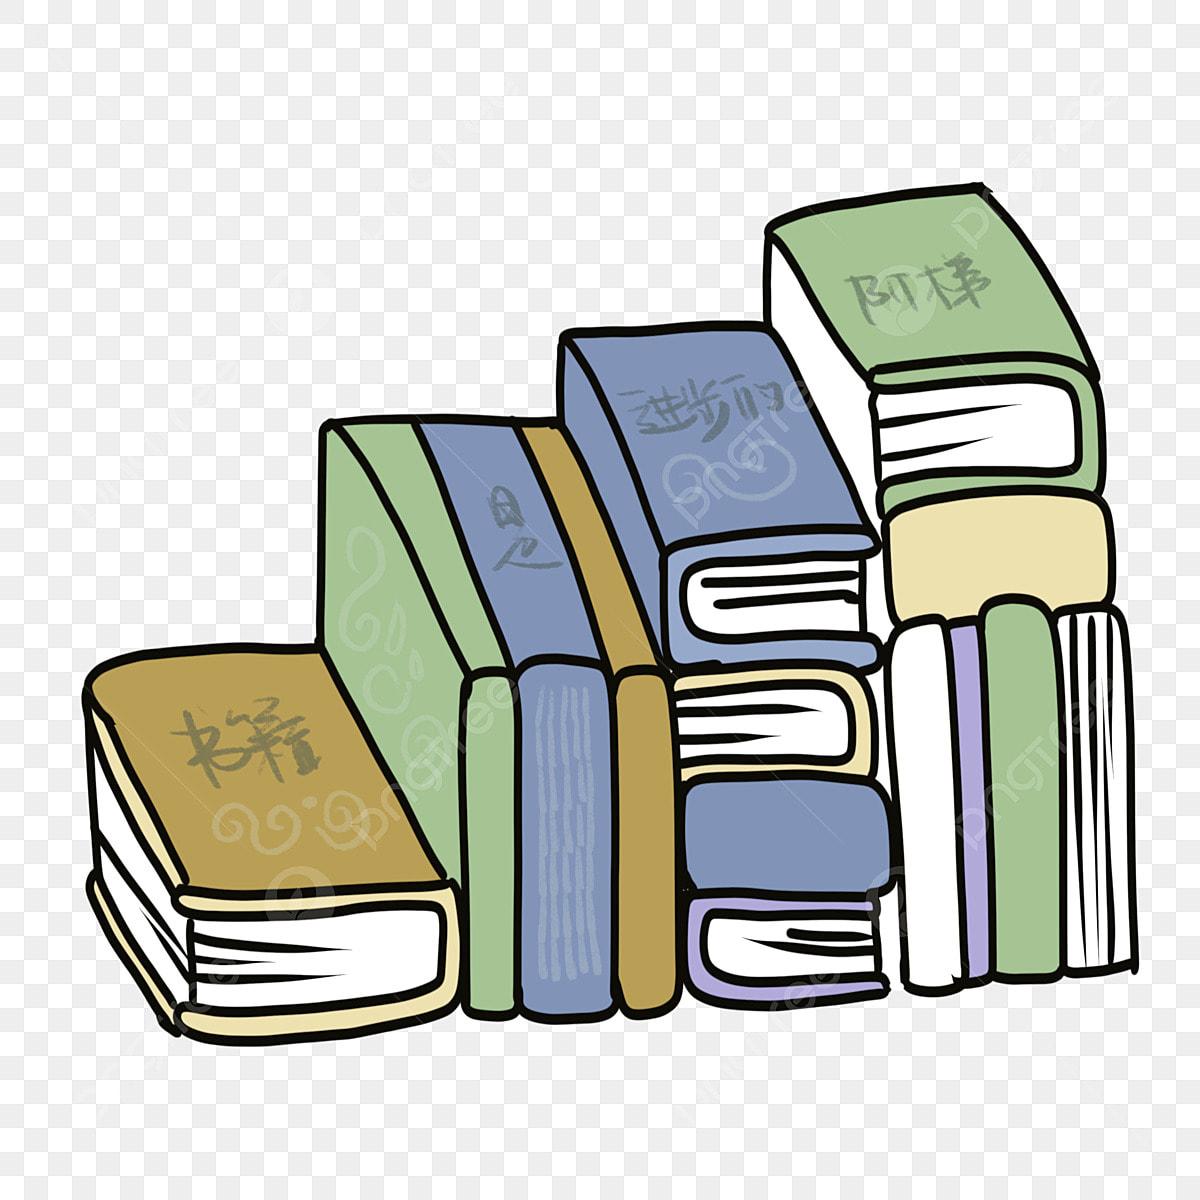 Escaliers De Livre Escaliers De Livre Illustration De Dessin